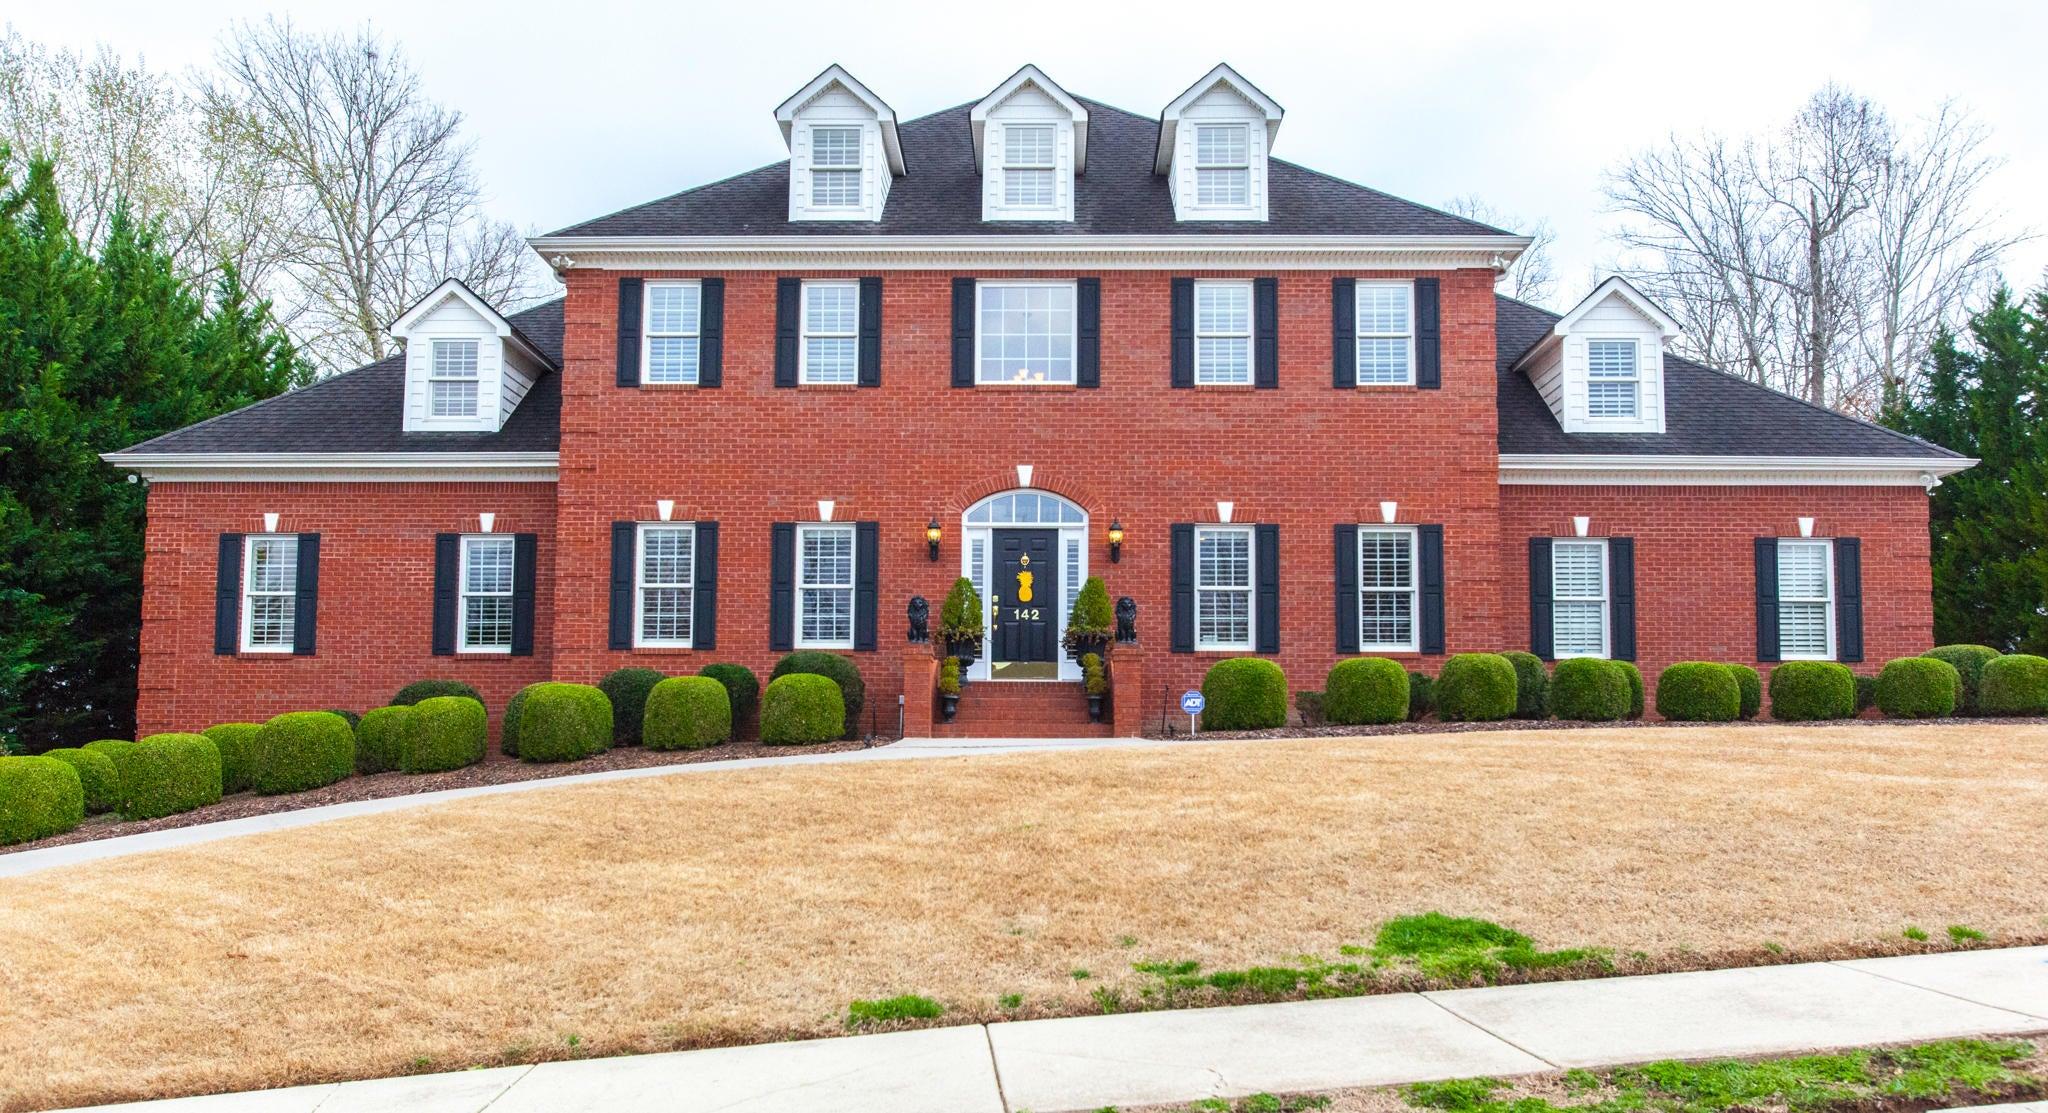 Maison unifamiliale pour l Vente à 142 Center Park Lane 142 Center Park Lane Oak Ridge, Tennessee 37830 États-Unis